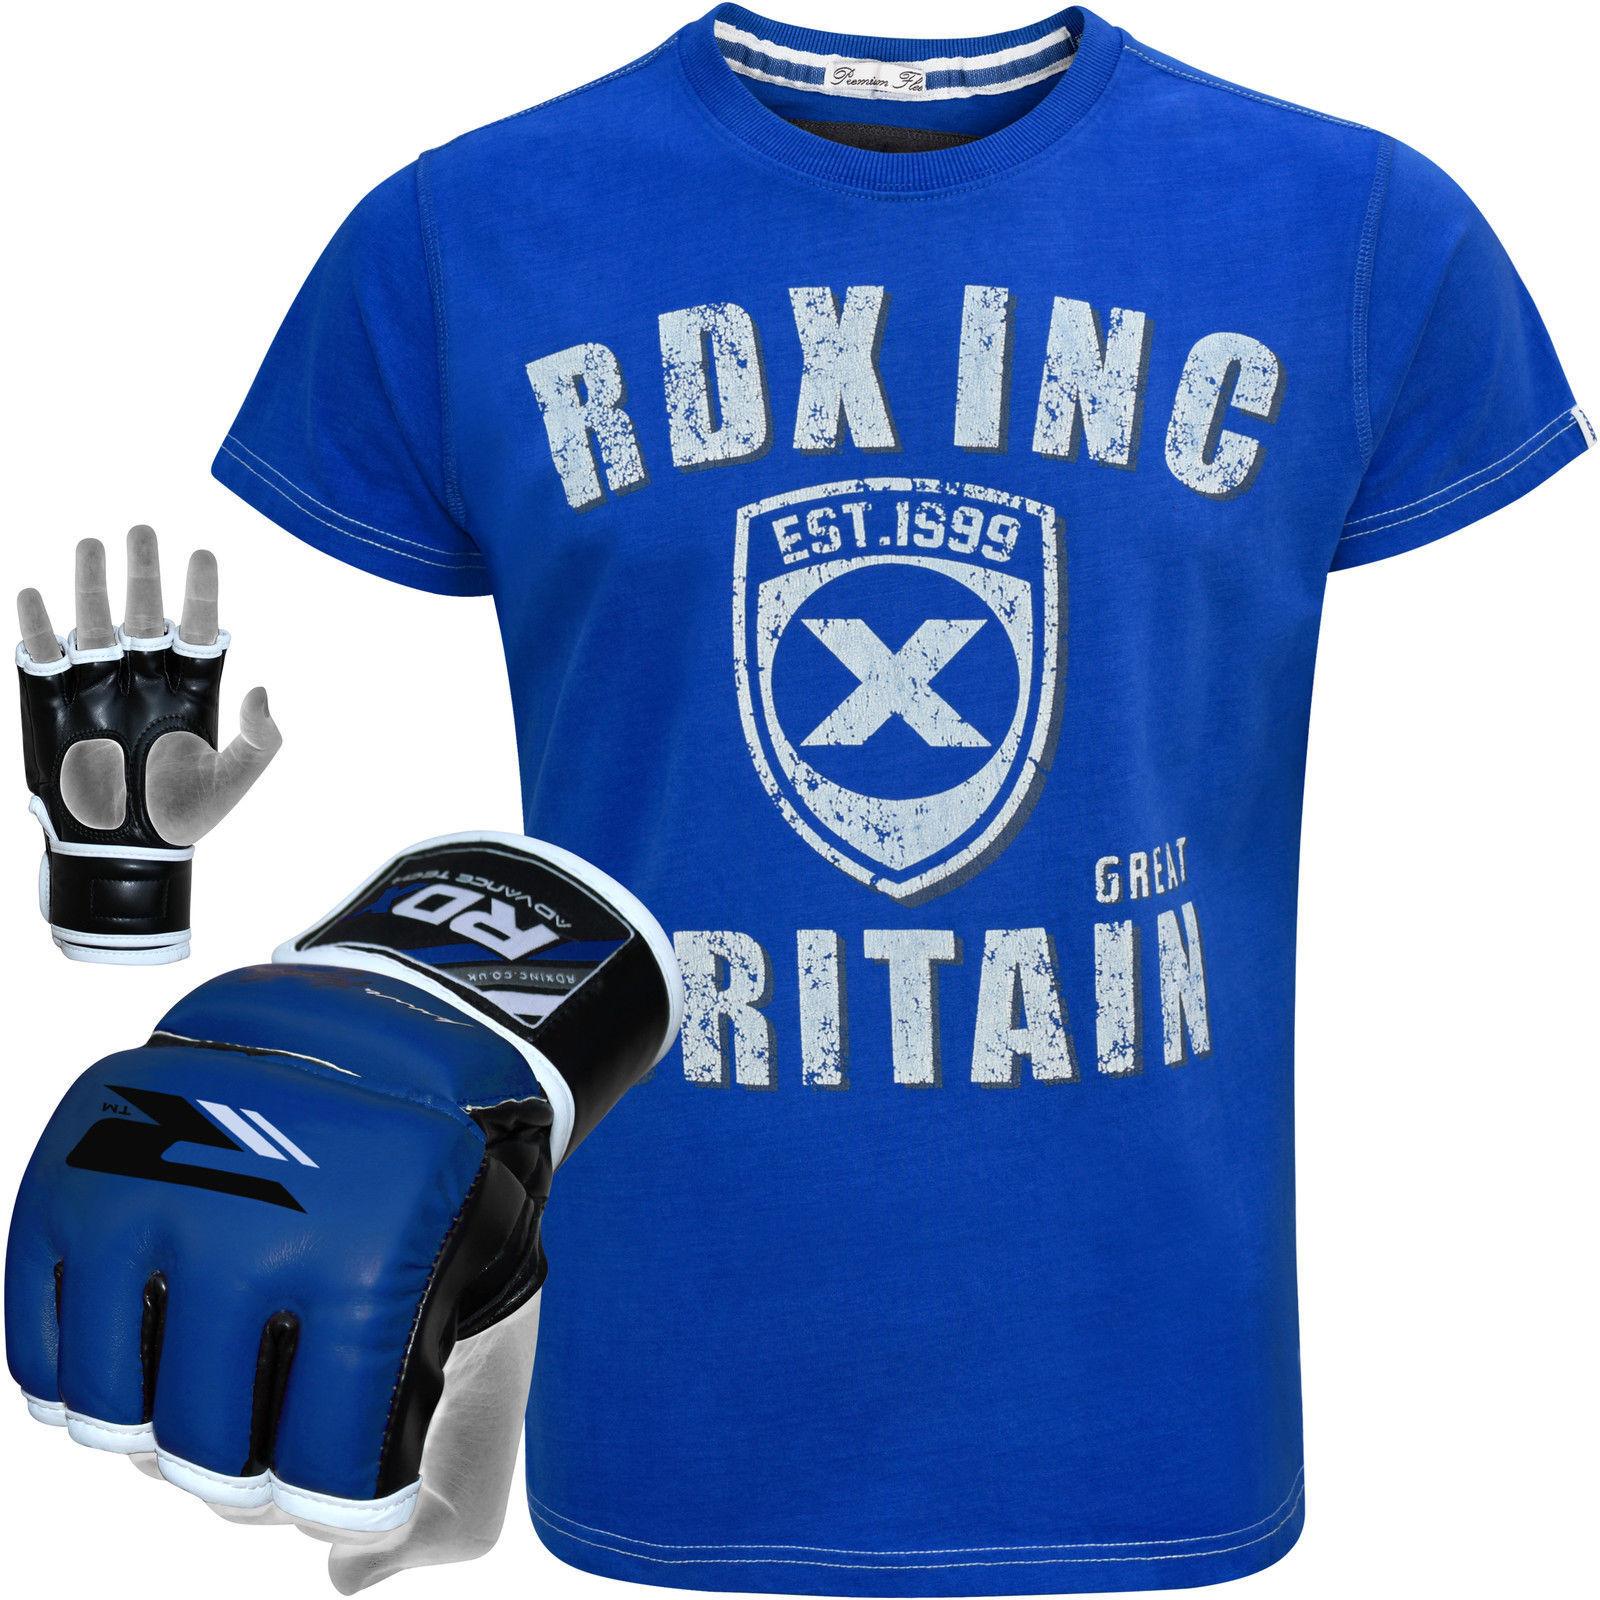 RDX MMA Grappling Guanti Boxe da Uomo T-shirt Girocollo Girocollo Girocollo Allenamento Muay Thai Boxe Fight 817bf5